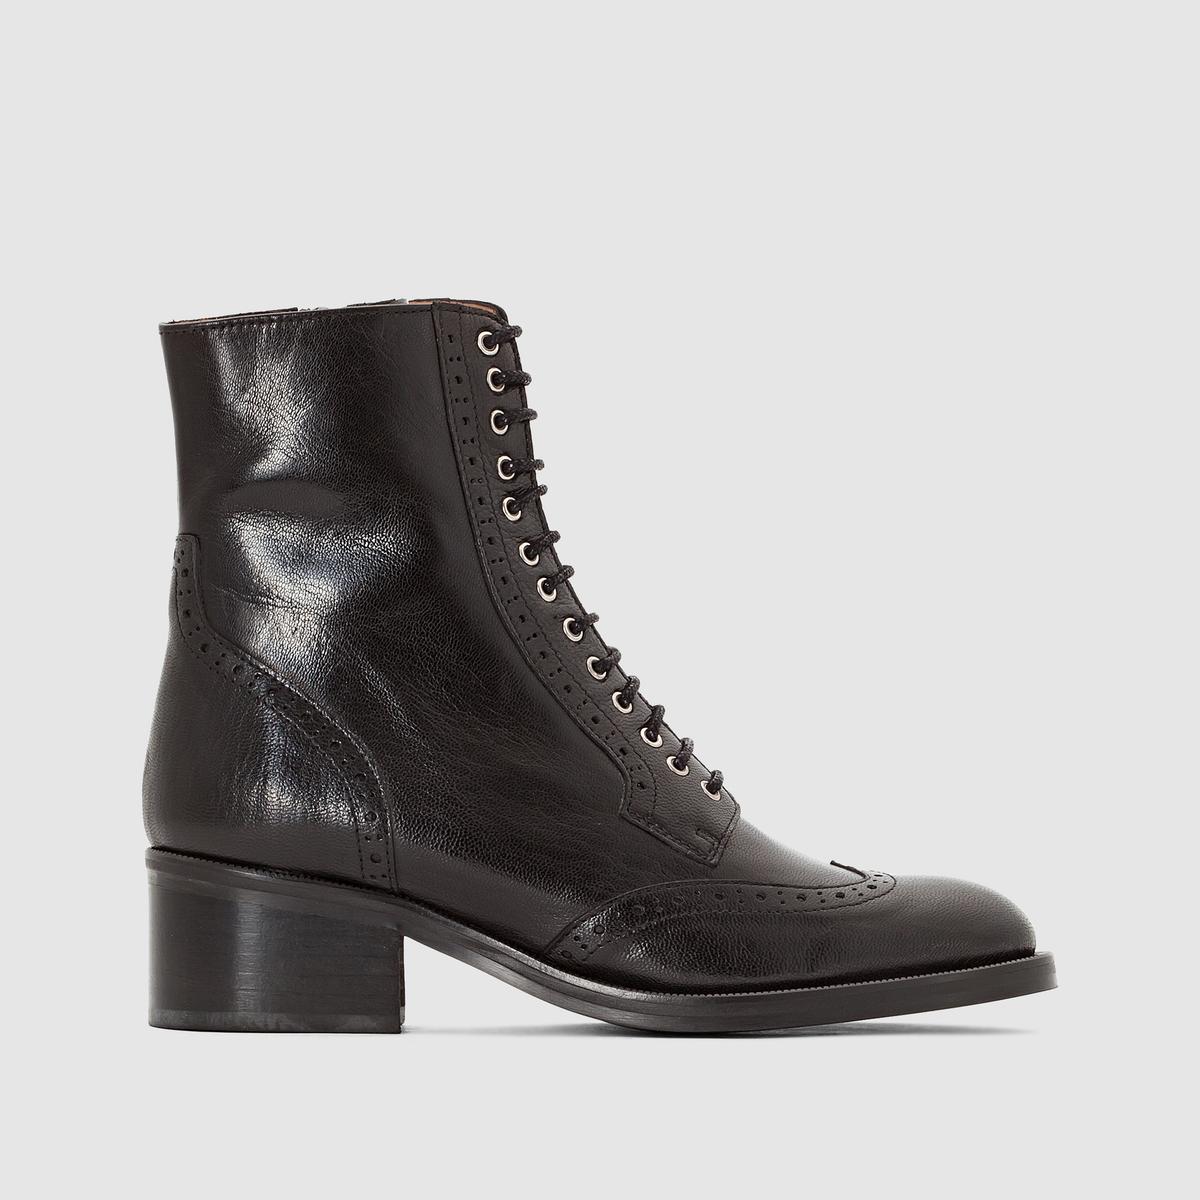 Ботильоны из кожи на шнуровке ArlynВерх/Голенище : Голенище из кожи        Подкладка : Кожа. Стелька : Кожа. Подошва : Эластомер Высота каблука : 3,5 см Высота голенища : 17 см Форма каблука : Плоская Мысок : Закругленный Застежка : Шнуровка<br><br>Цвет: черный<br>Размер: 38